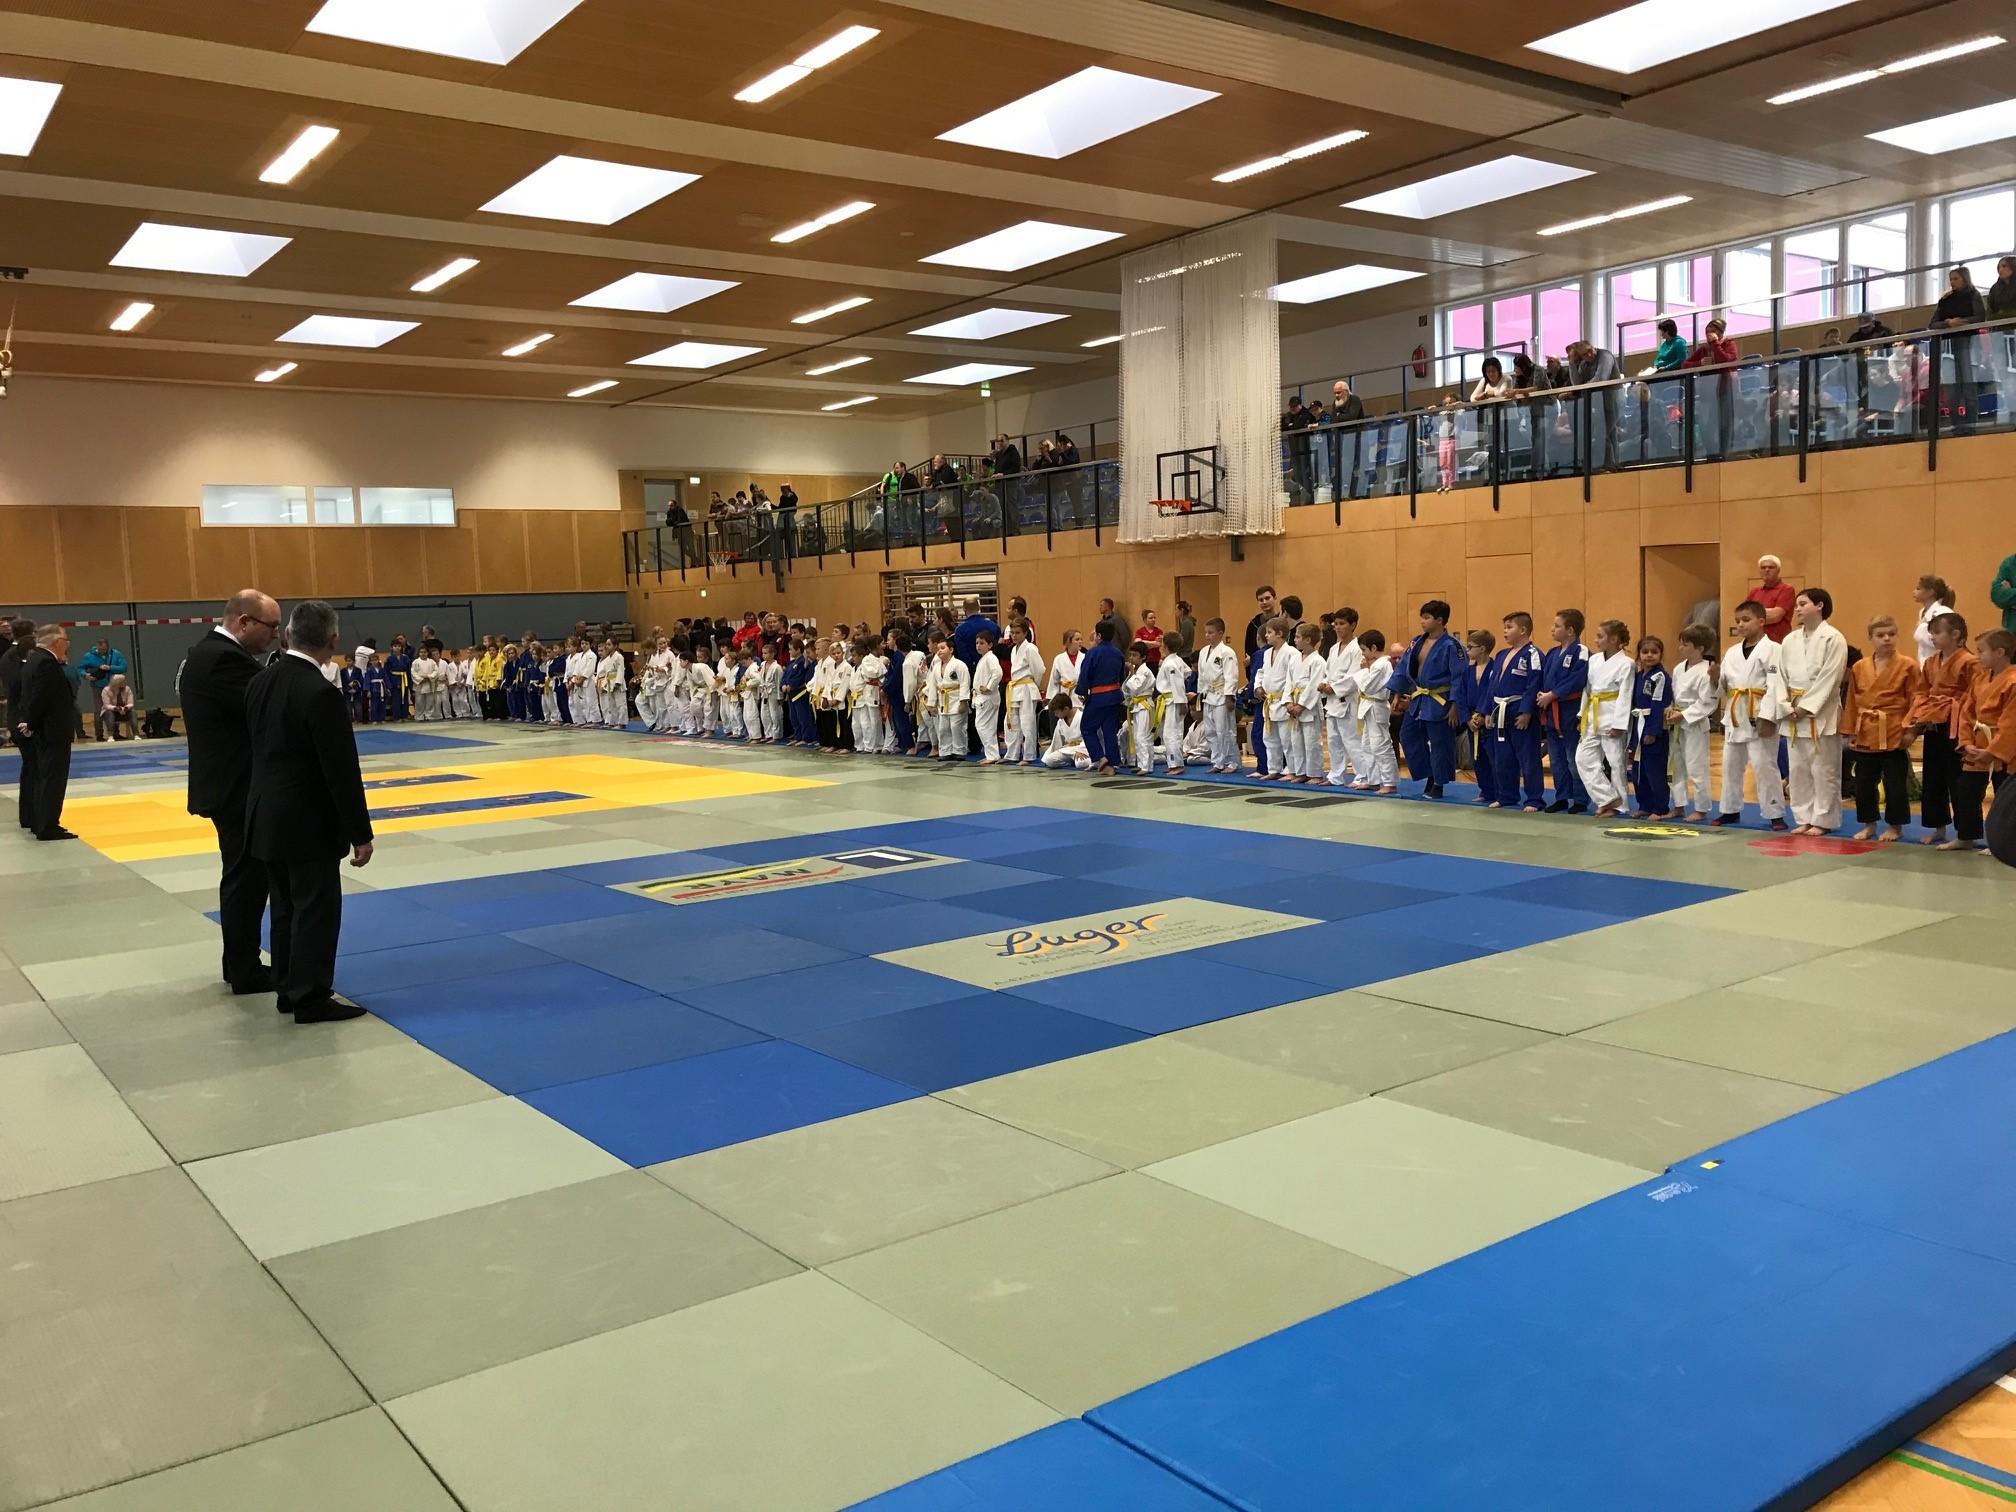 Schöner Erfolg unserer Judokids beim Gallia Schlumpfturnier U8 – U12 in Gallneukirchen